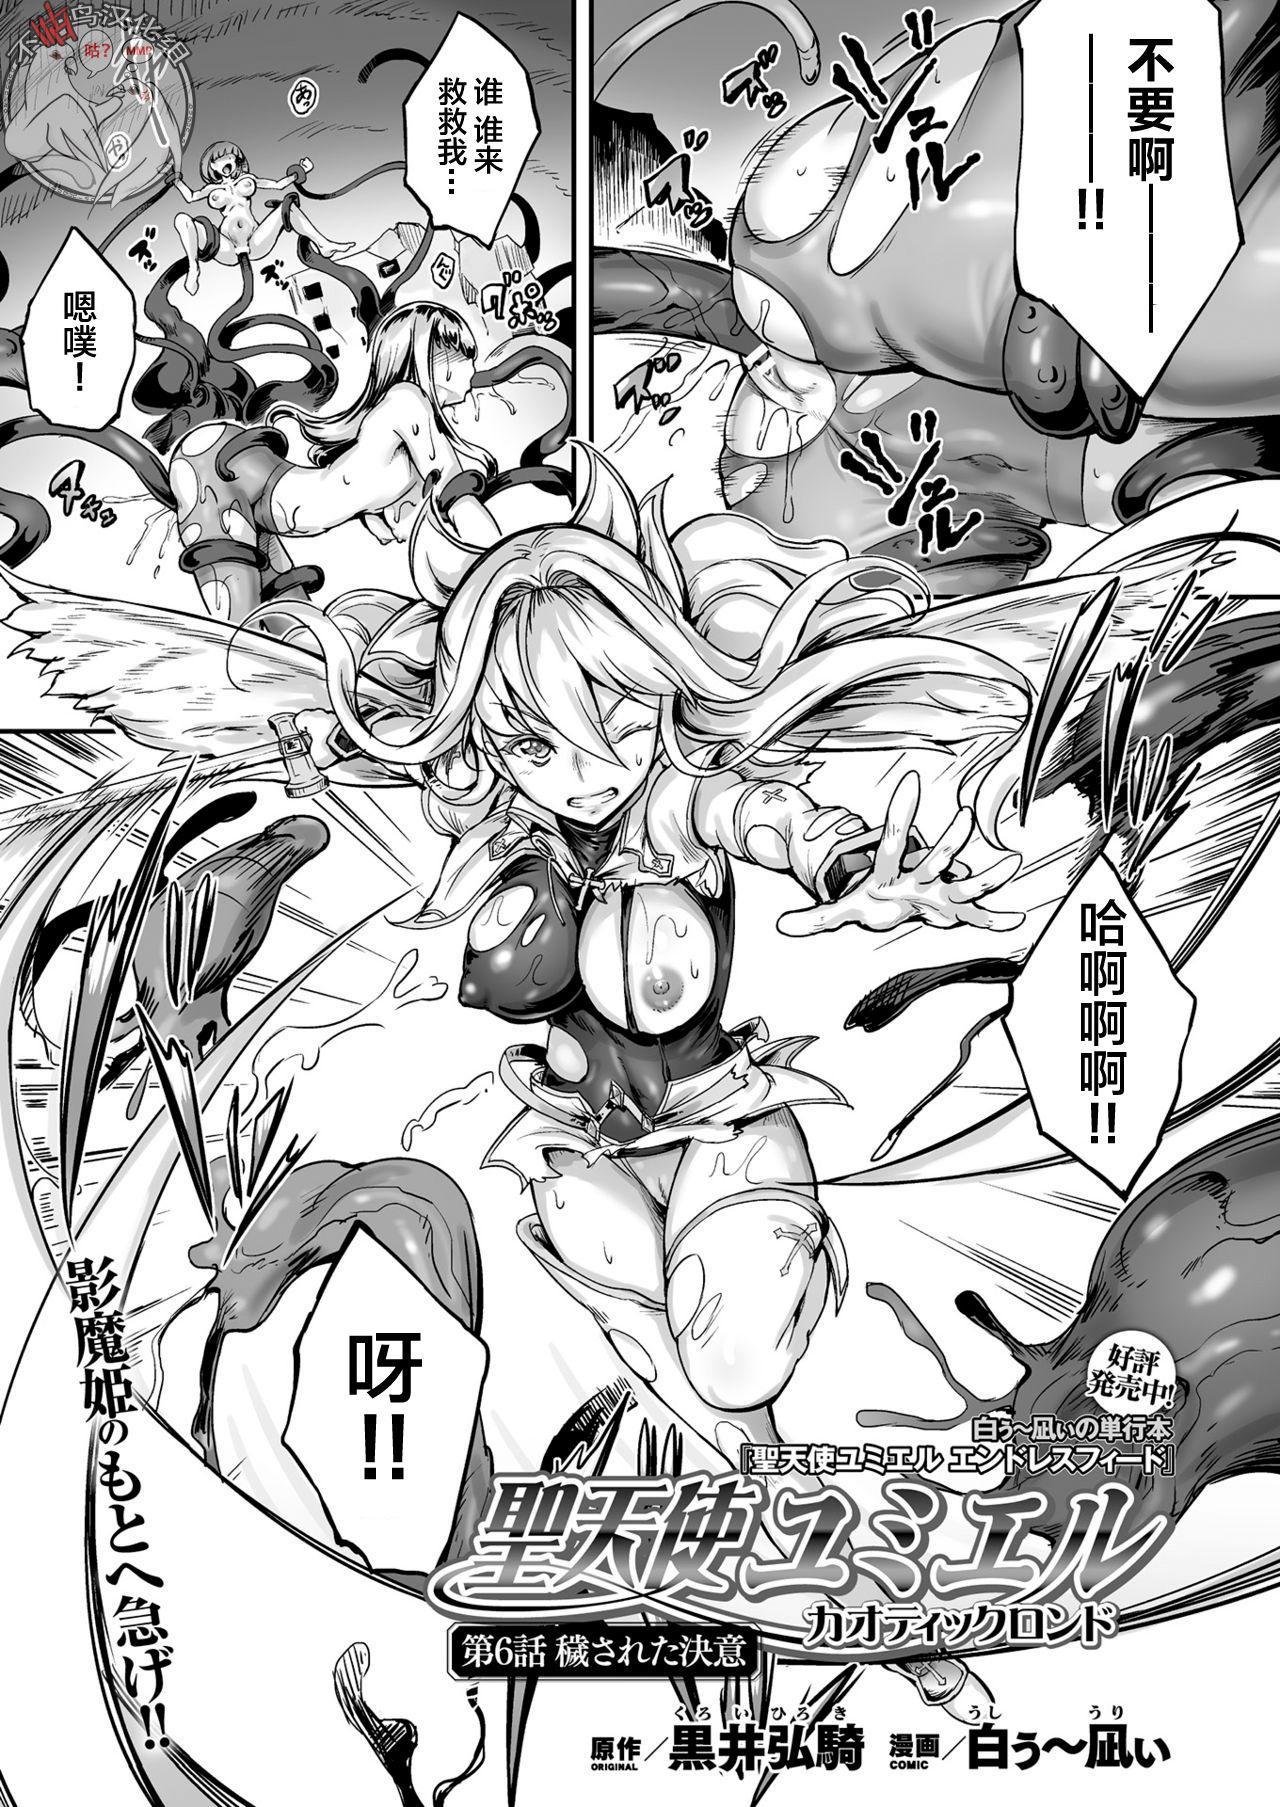 Seitenshi Yumiel Chaotic Rondo Ch. 6 Kegasareta Ketsui 0